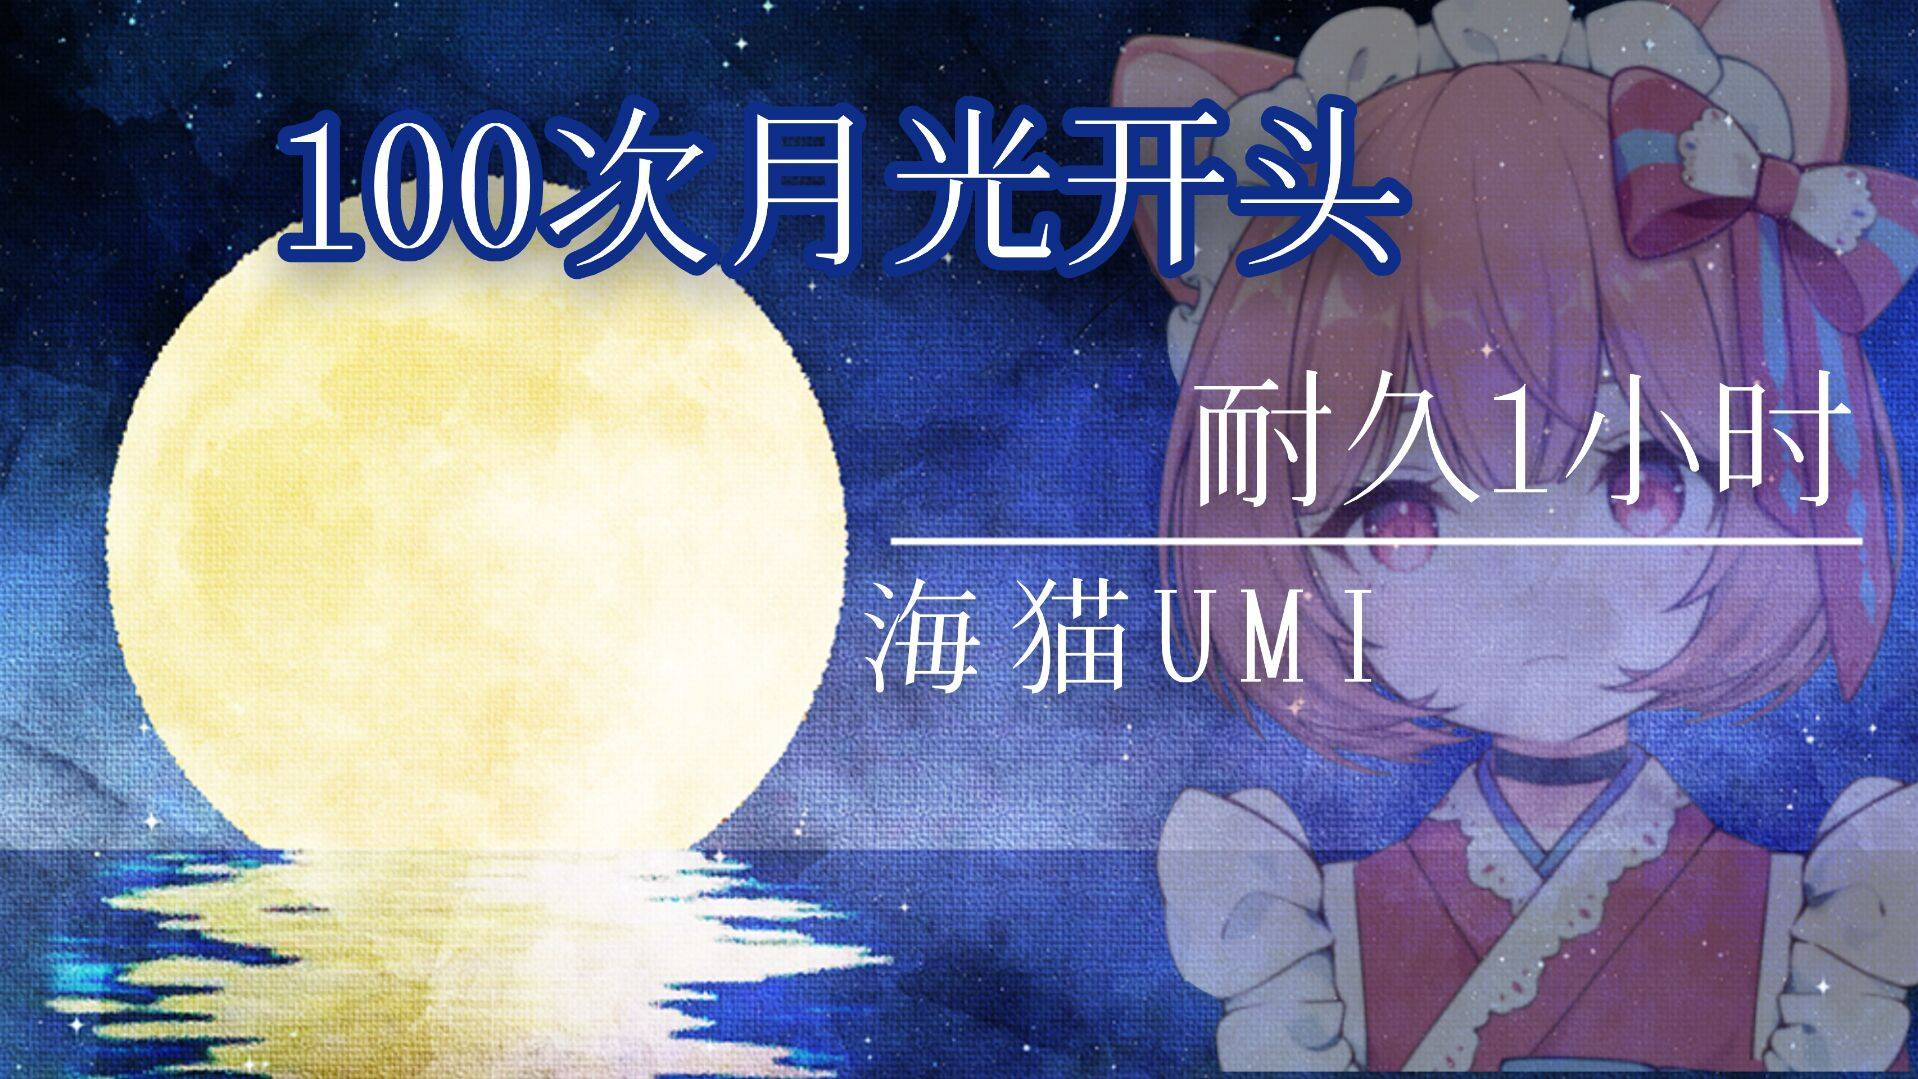 耐久100次的月光开头